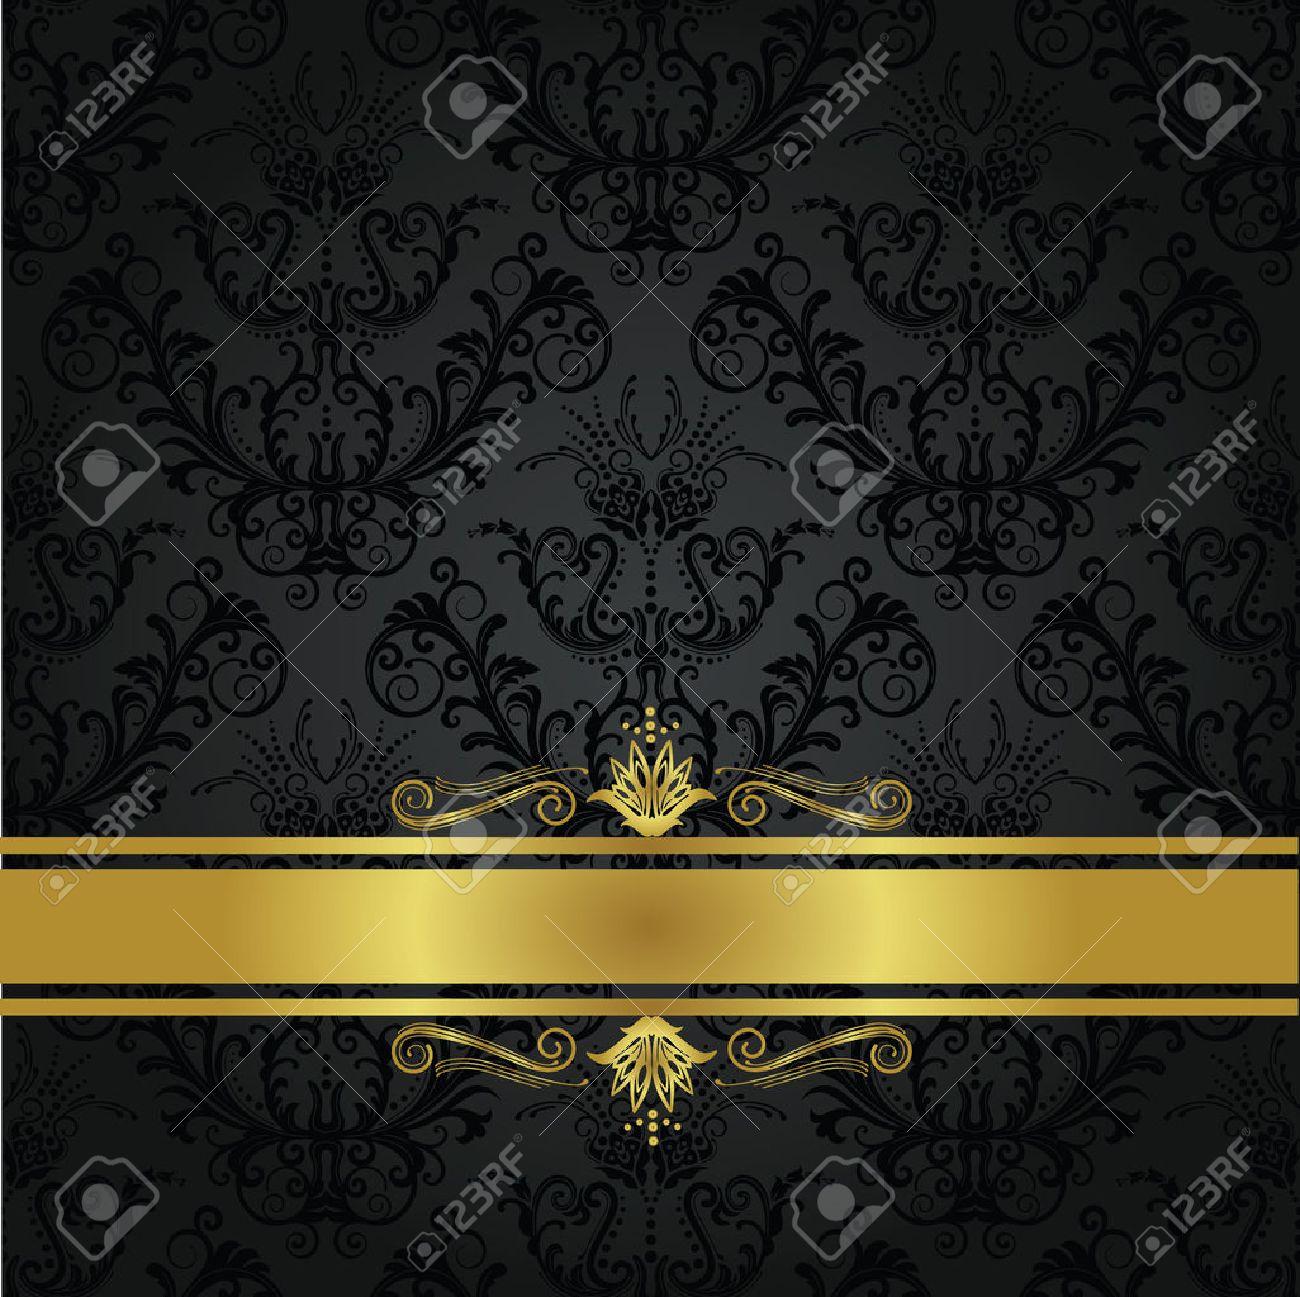 Charbon De Luxe Et Des Or Livre De Couverture Arriere Plan Peut Etre Utilise Comme Seamless Wallpaper Floral